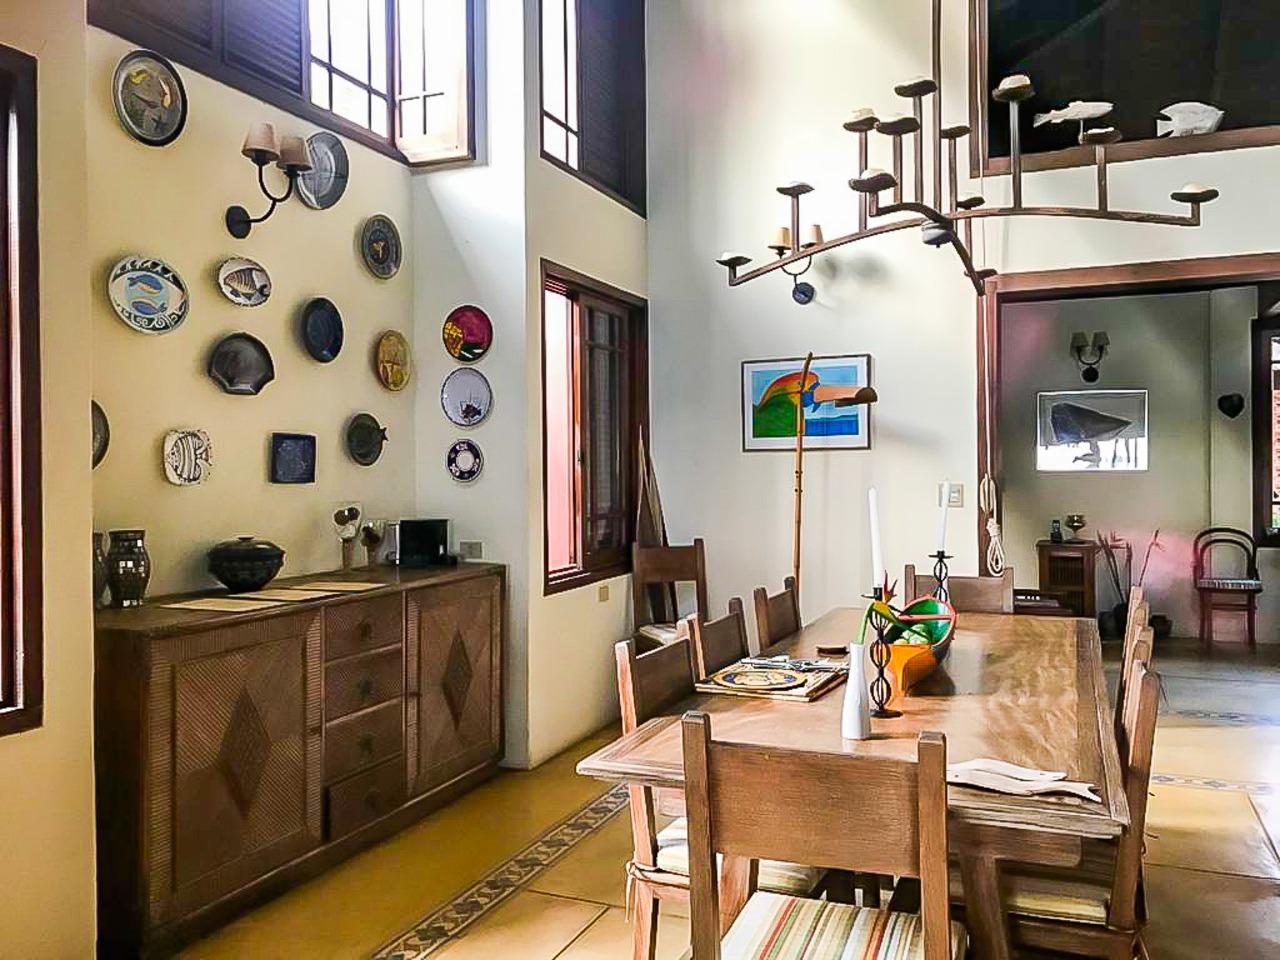 Casa com 6 dormitórios (5 suítes) à venda em São Sebastião, no bairro Guaecá